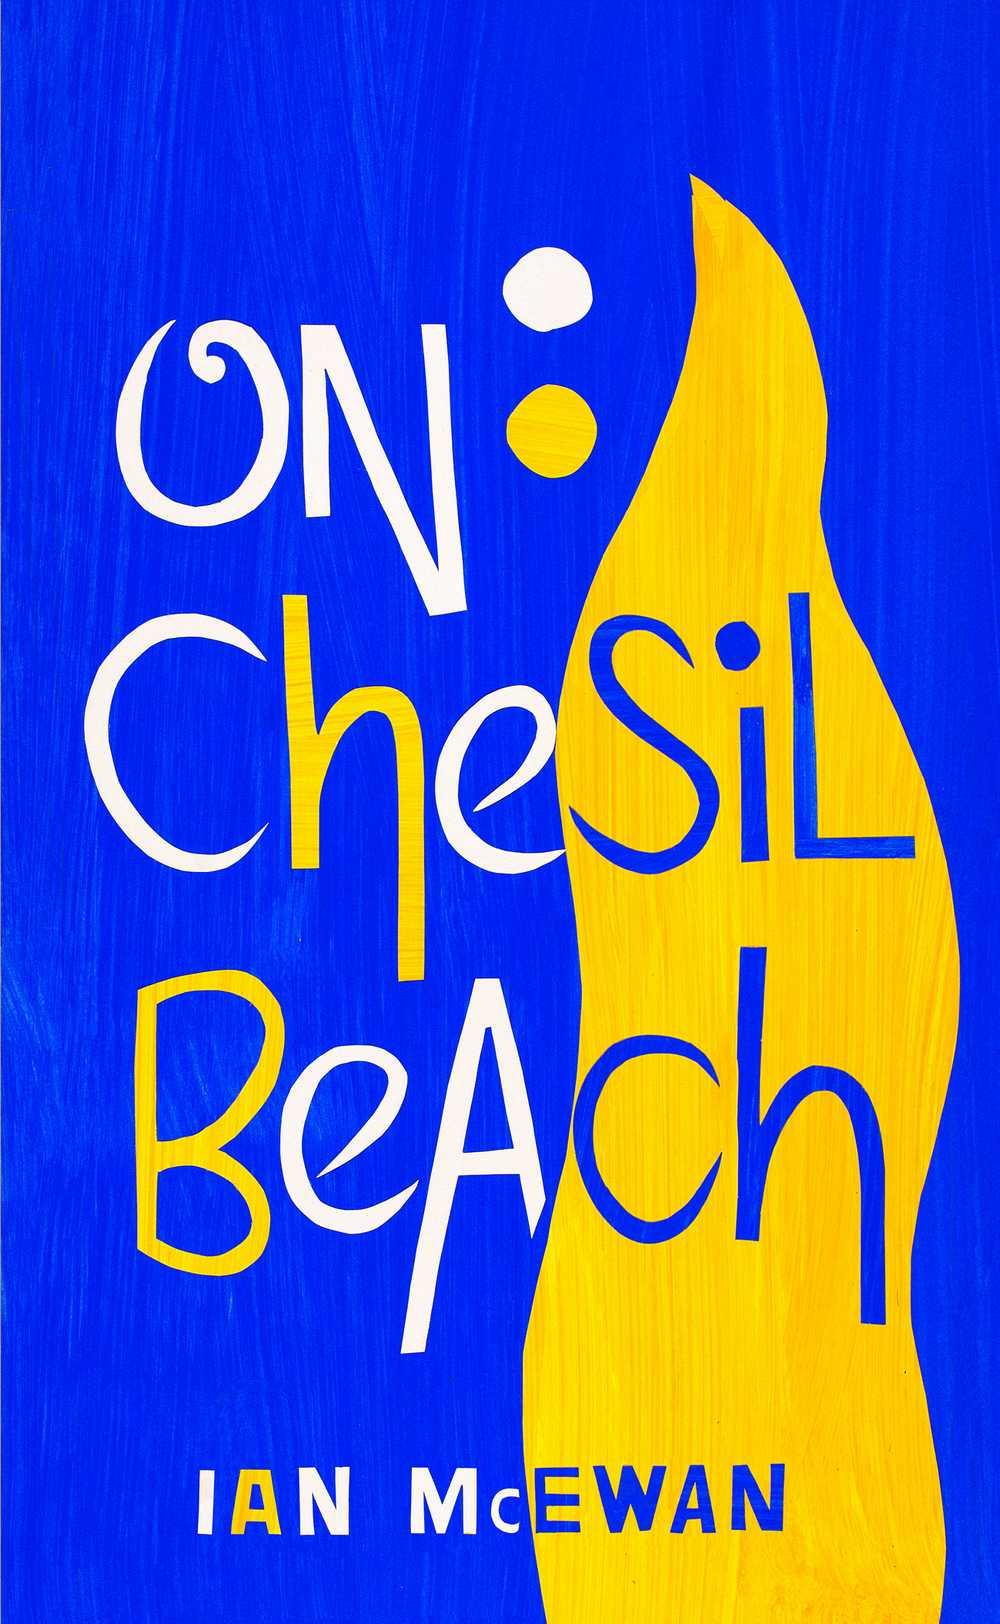 On Chesil Beach (Vintage Summer)